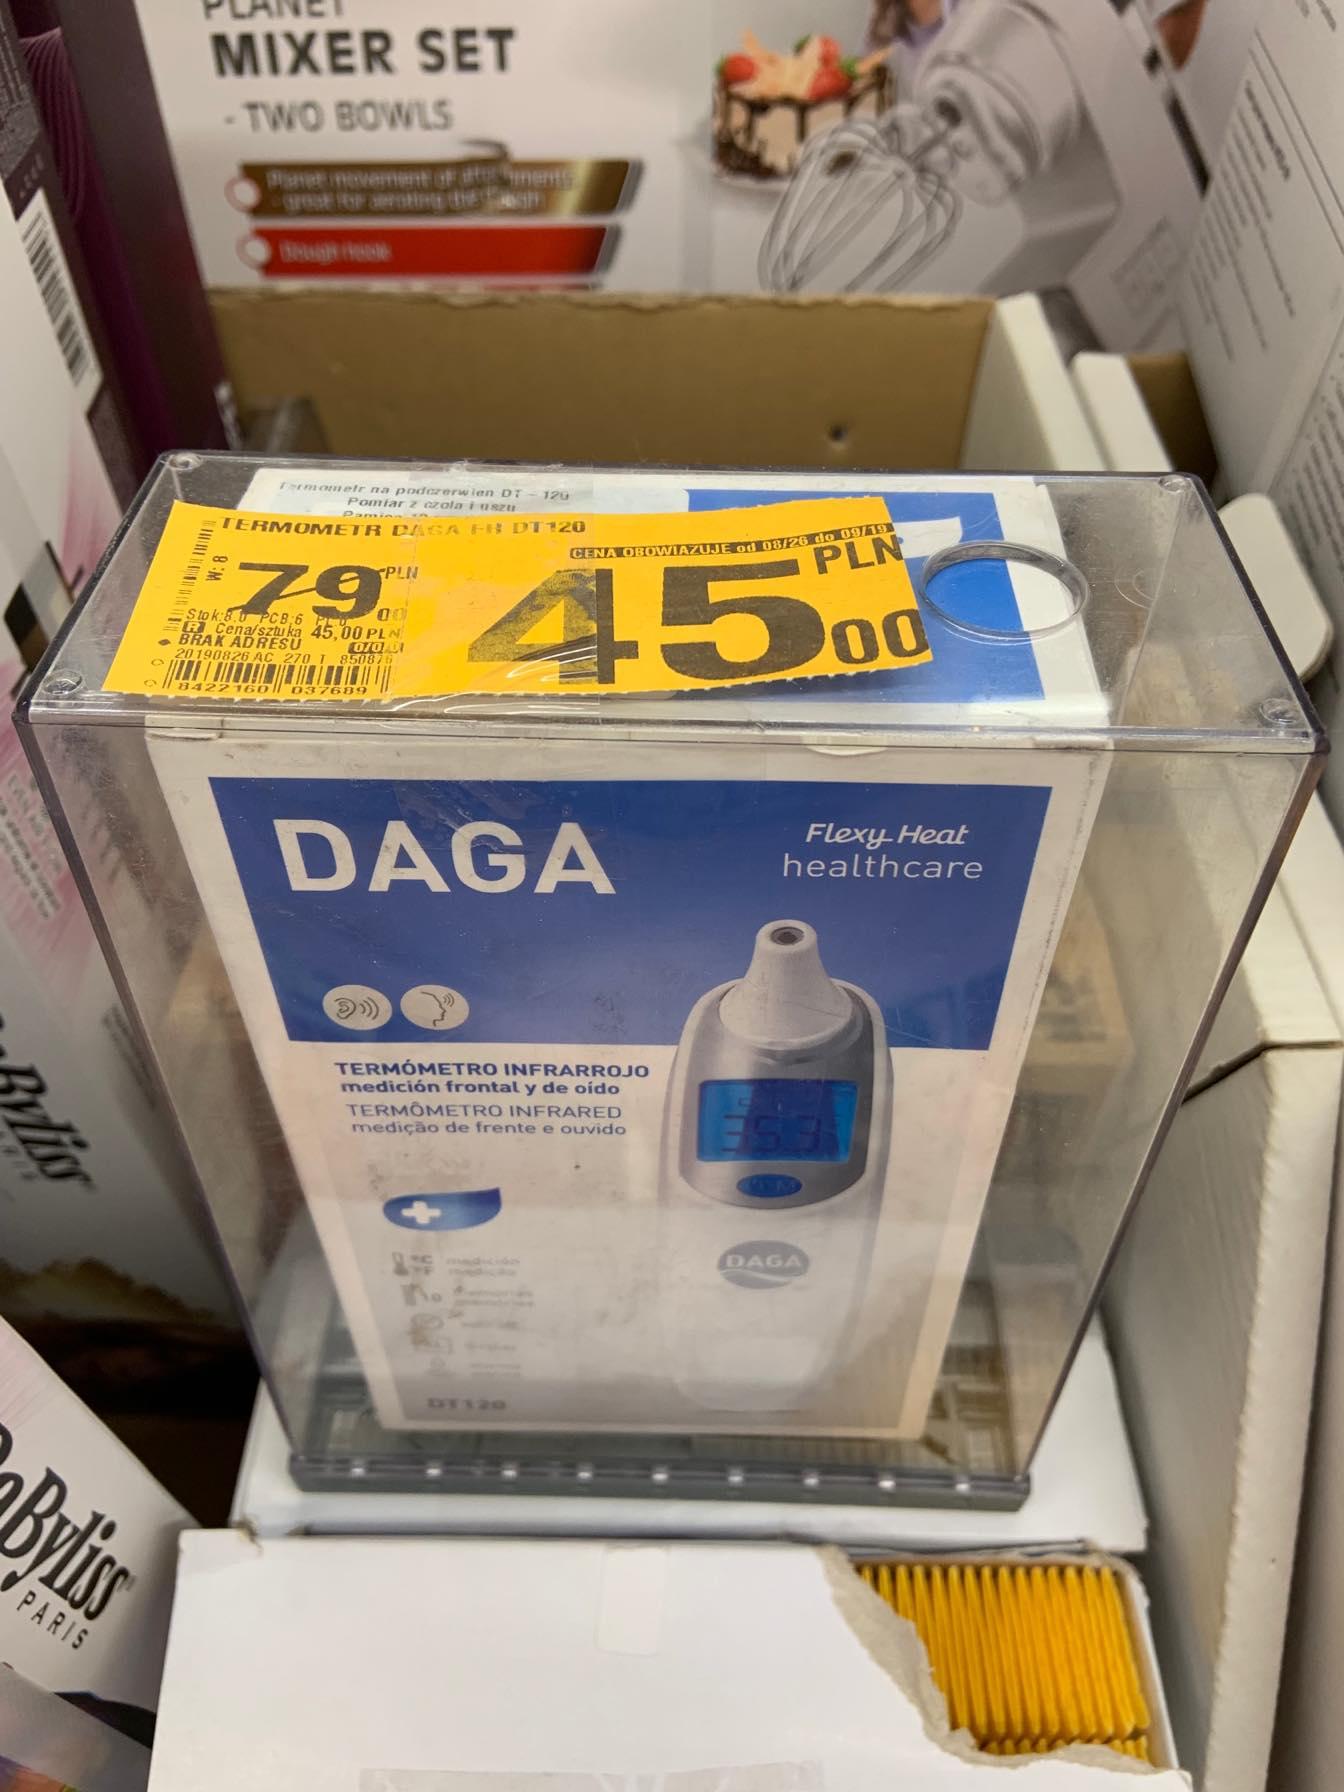 Termometr na podczerwień do ucha i czoła Daga FH-DT120 (Auchan)